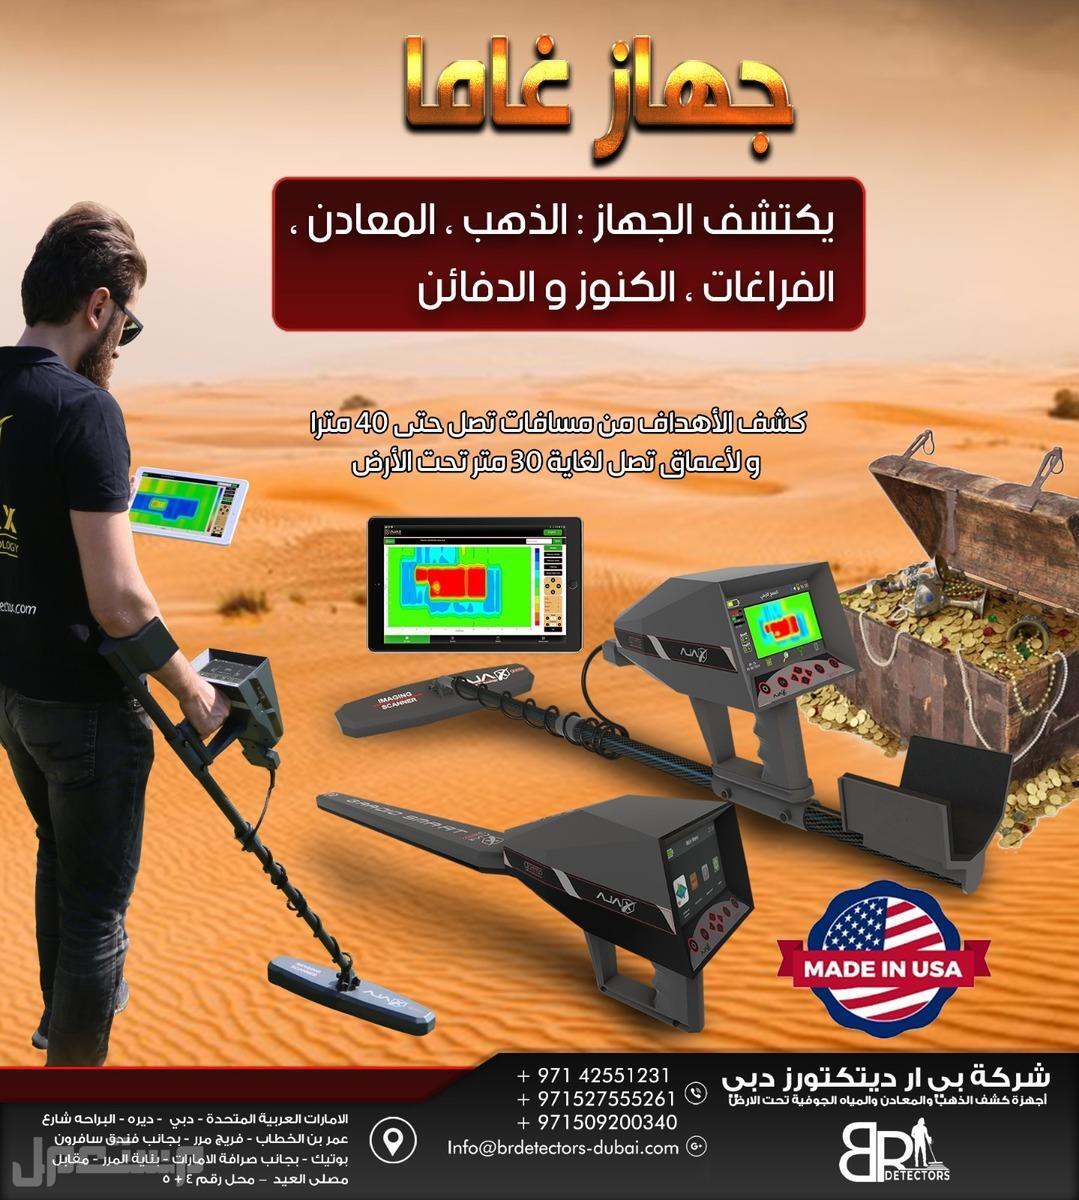 جهاز كشف الذهب في الأردن | اجهزة كشف الكنوز في الأردن جهاز كشف الذهب في الأردن | اجهزة كشف الكنوز في الأردن